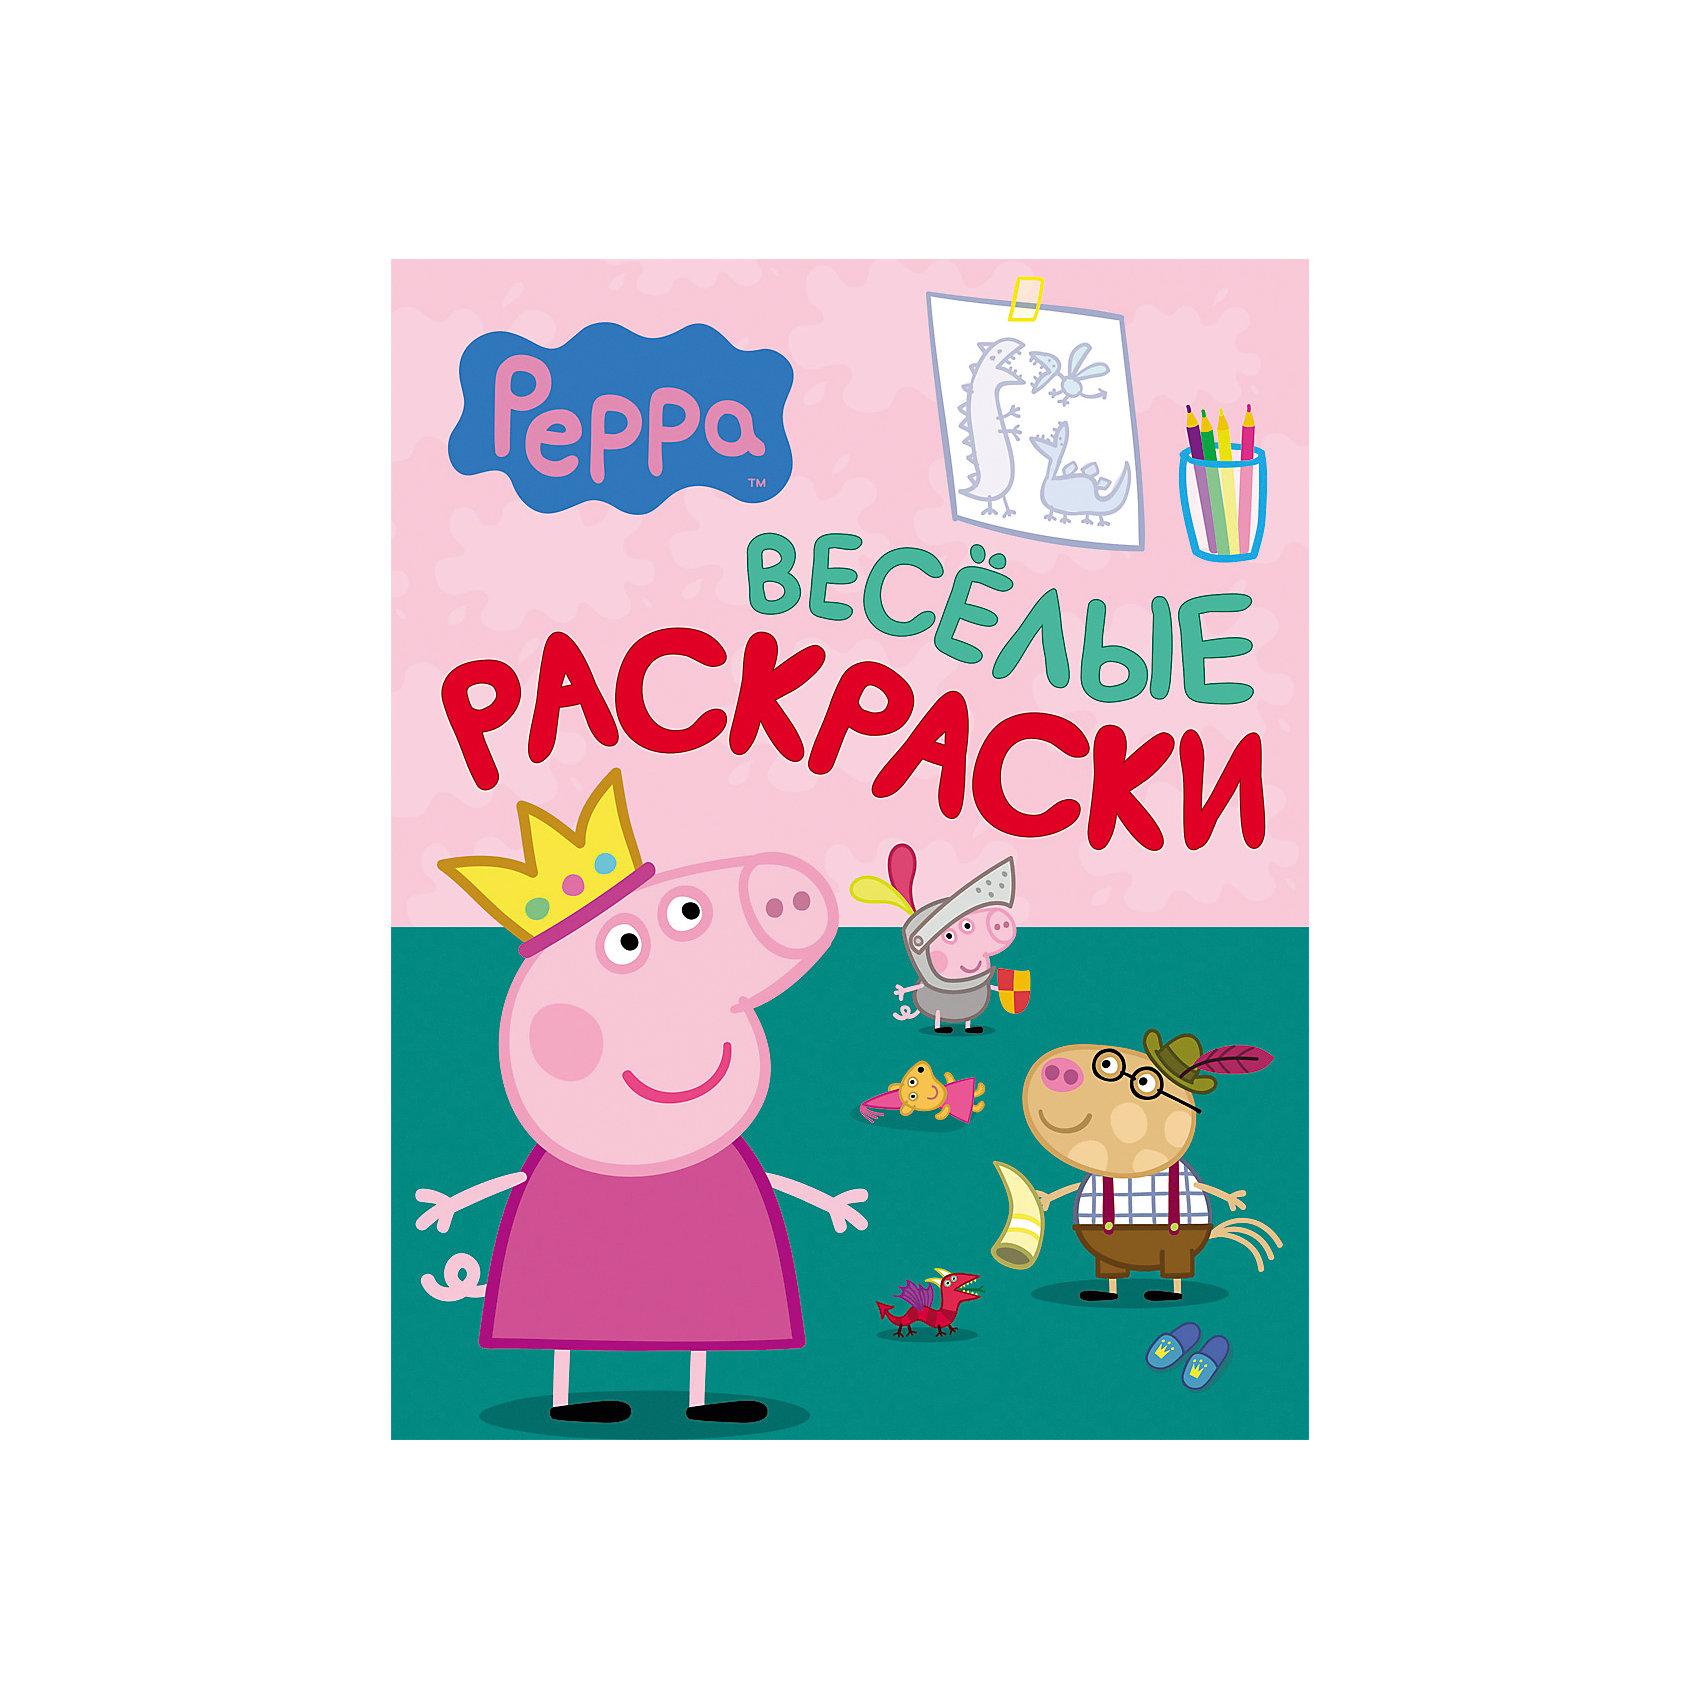 Веселые раскраски Свинка Пеппа (зеленая)Веселые раскраски Свинка Пеппа (зеленая) - это раскраска с героями мультфильма о приключениях свинки Пеппы и специальными заданиями.<br>Добро пожаловать в веселую компанию свинки Пеппы и ее друзей! Проведи время с пользой: раскрашивай героев любимого мультсериала и отвечай на вопросы. А если тебе что-то покажется забавным, то смейся от души!<br><br>Дополнительная информация:<br><br>- Редактор: Шахова А.<br>- Издательство: Росмэн<br>- Тип обложки: мягкая<br>- Иллюстрации: черно-белые<br>- Количество страниц: 8<br>- Размер: 275 х 210 x 3 мм.<br>- Вес: 50 гр.<br><br>Книгу Веселые раскраски Свинка Пеппа (зеленую) можно купить в нашем интернет-магазине.<br><br>Ширина мм: 275<br>Глубина мм: 210<br>Высота мм: 1<br>Вес г: 50<br>Возраст от месяцев: 36<br>Возраст до месяцев: 60<br>Пол: Унисекс<br>Возраст: Детский<br>SKU: 4602293